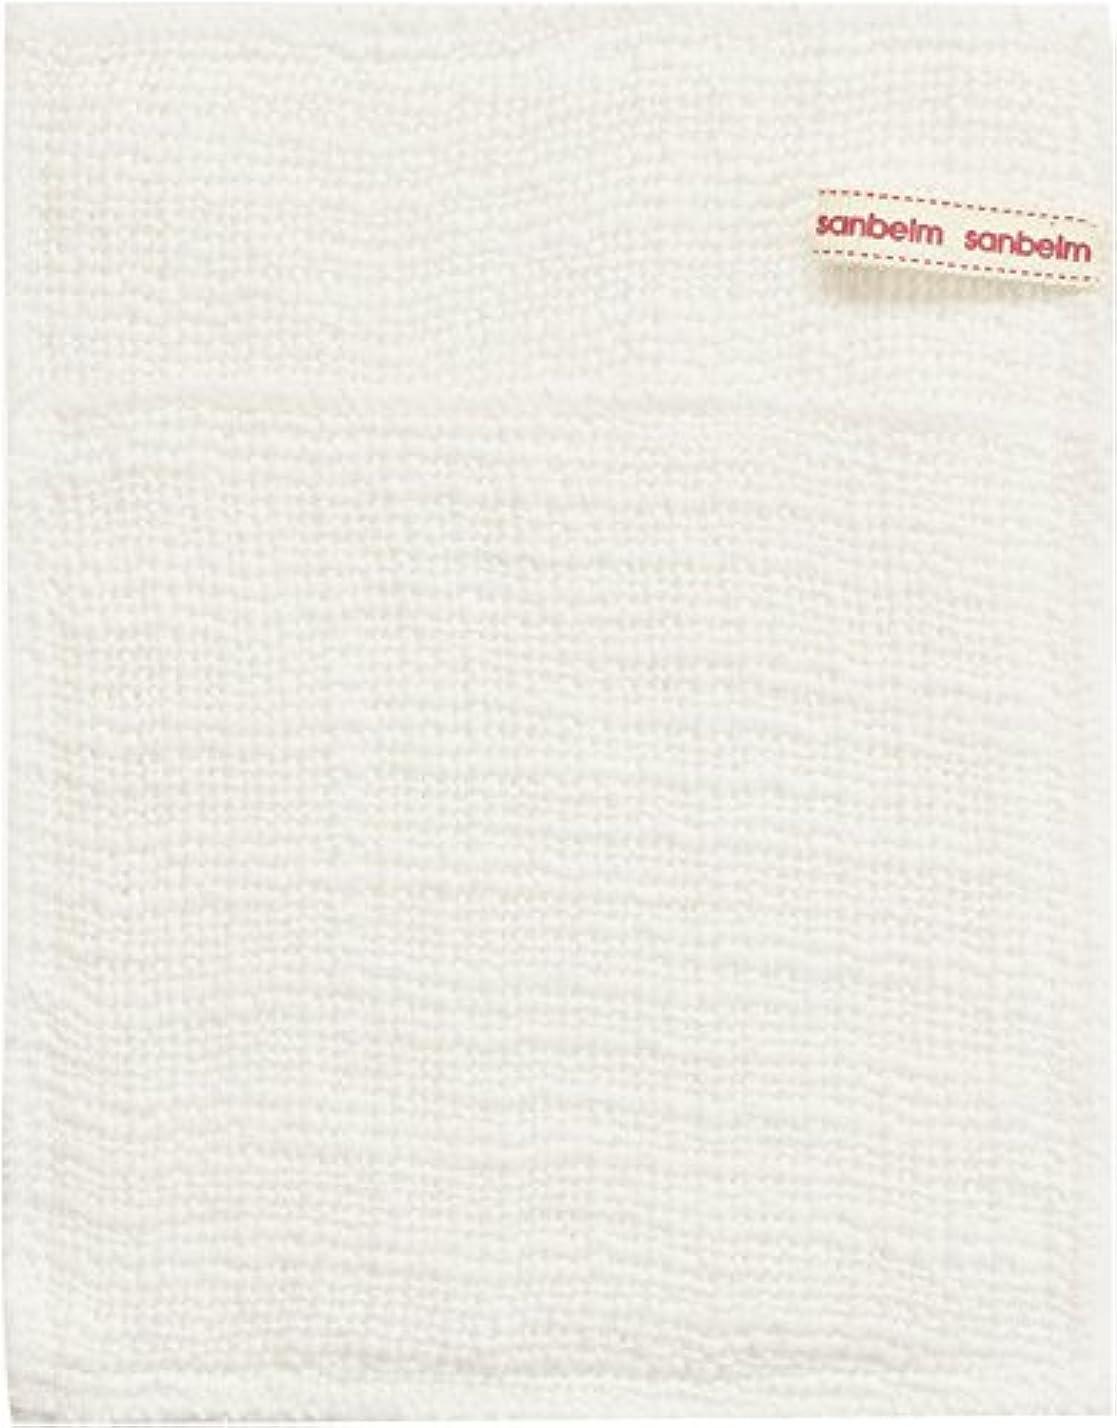 ピンチキャンペーン保守可能サンベルム (SANBELM) お風呂 体洗い 綿100%生地使用 ボディタオル ホワイト 約16x21cm ボディケアミトン  B34613